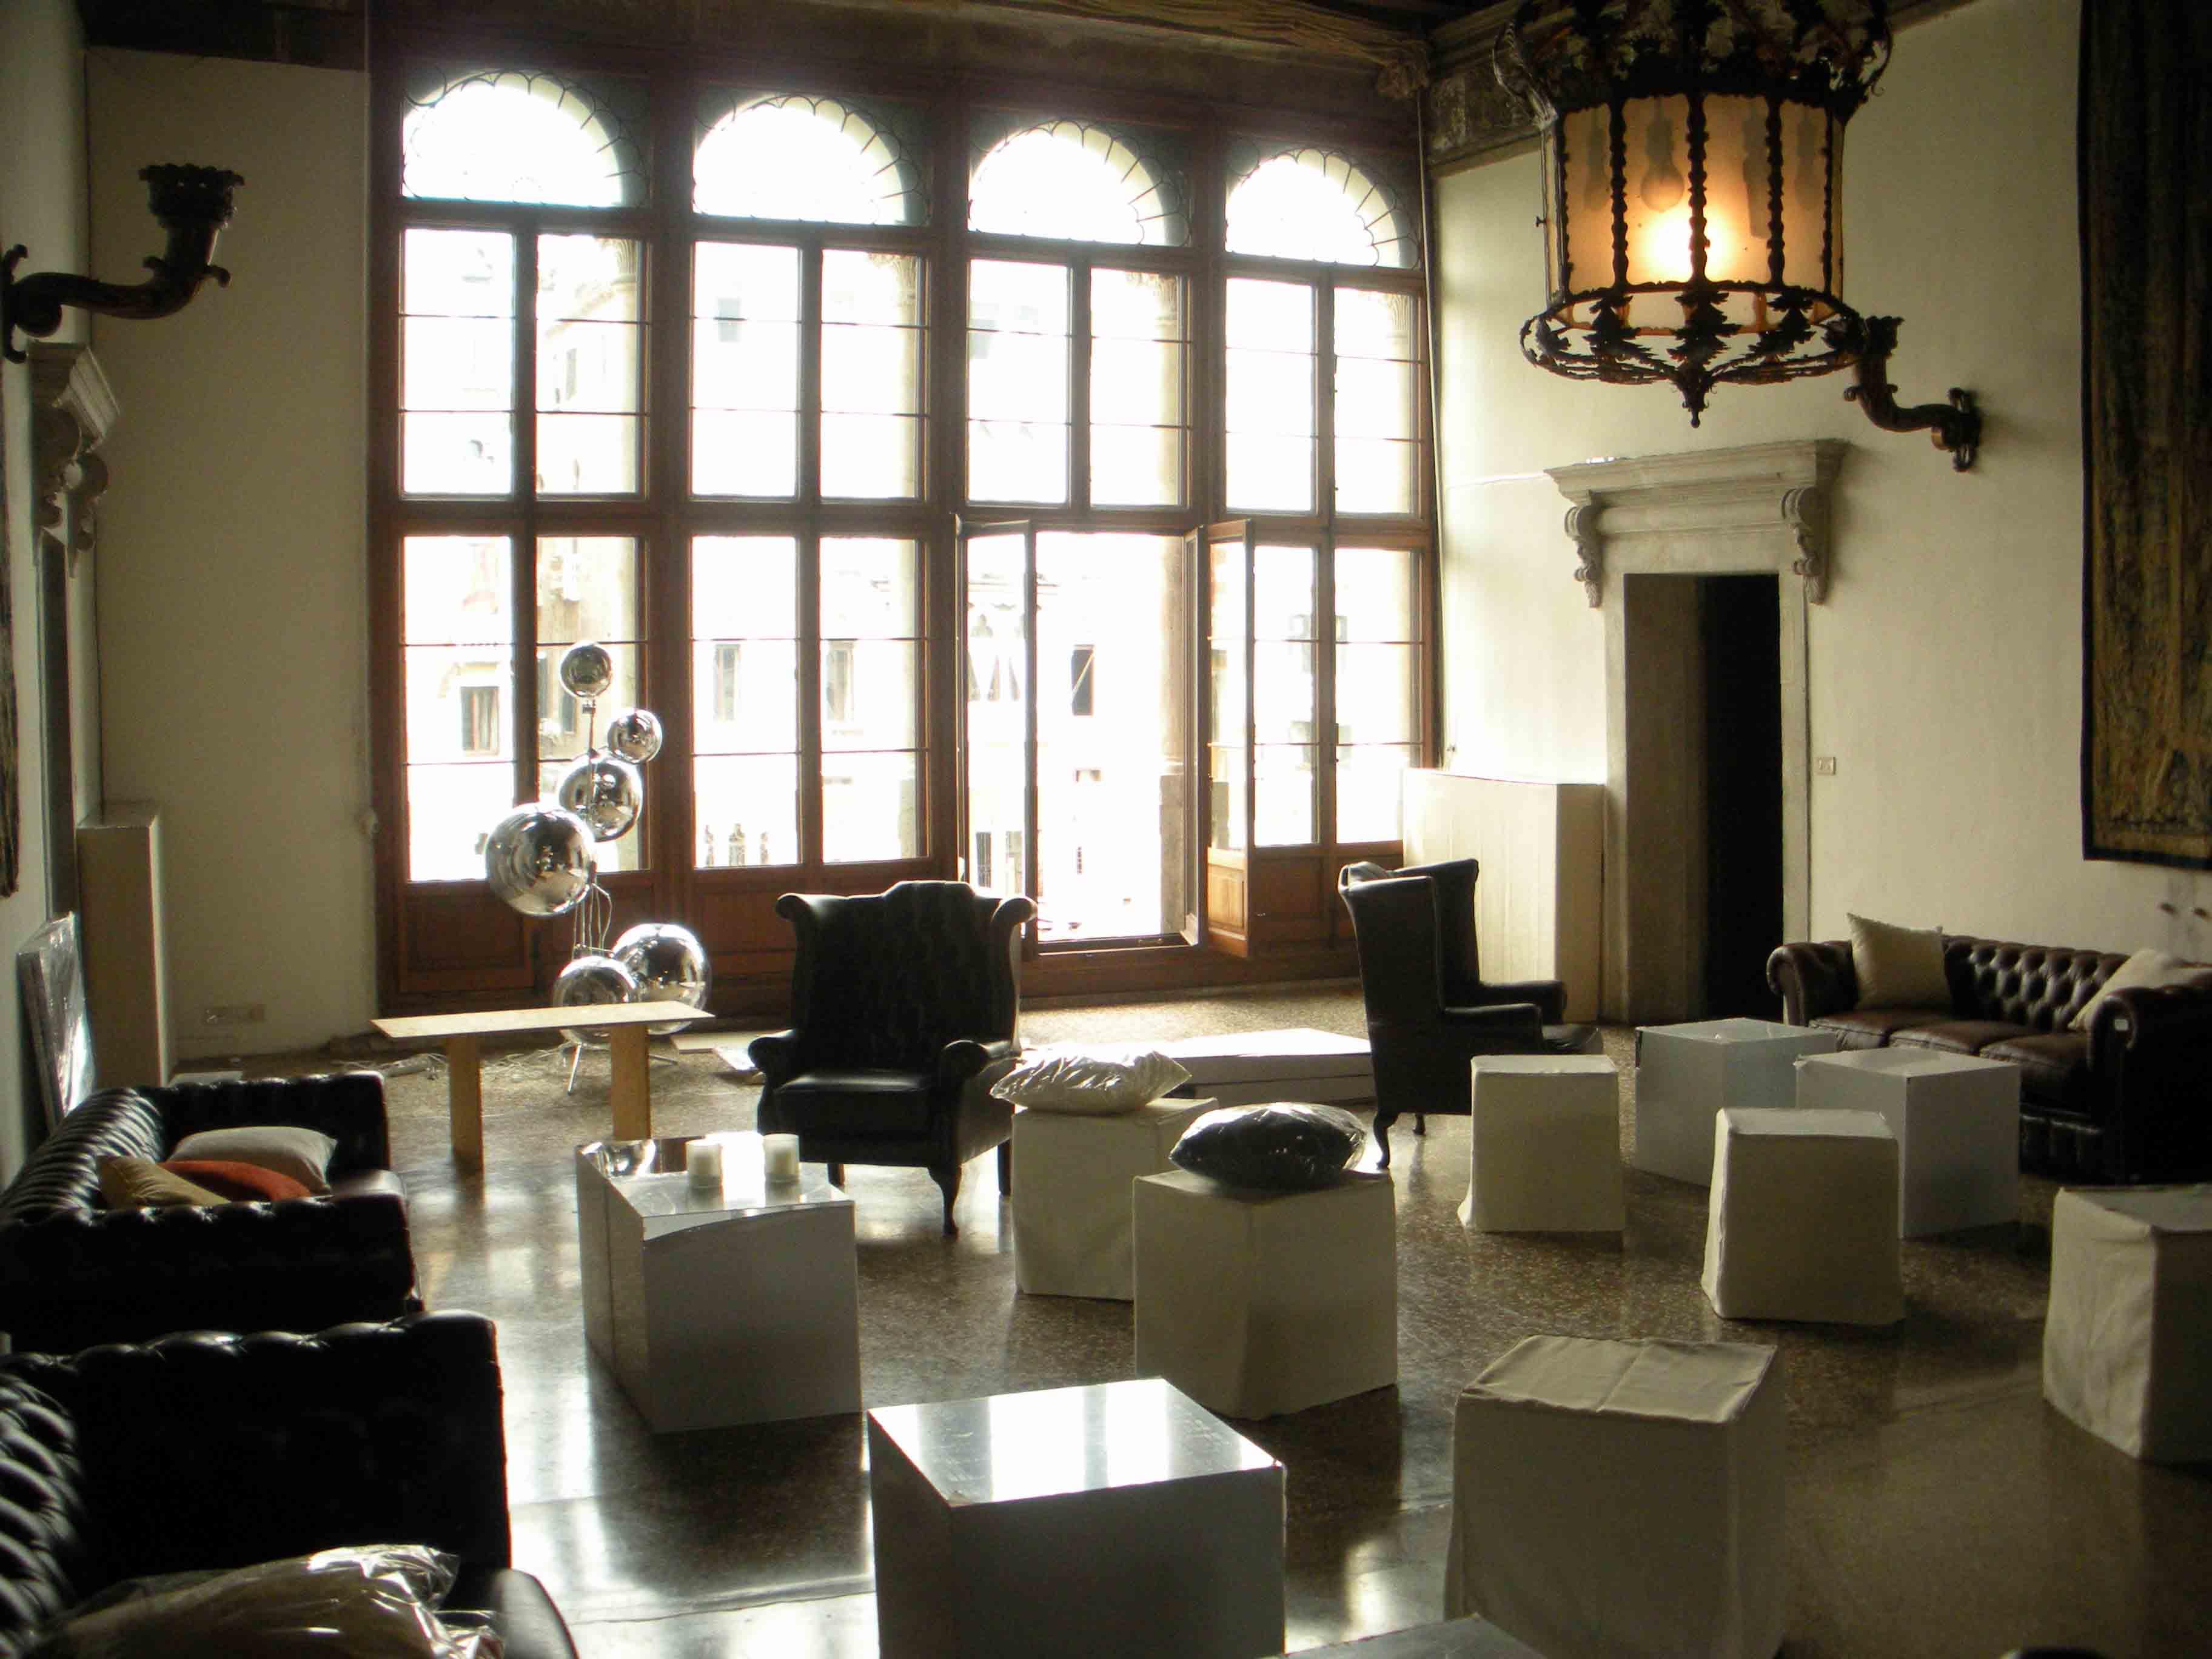 Noleggio divani chesterfield affitto poltrone chester for Noleggio arredi